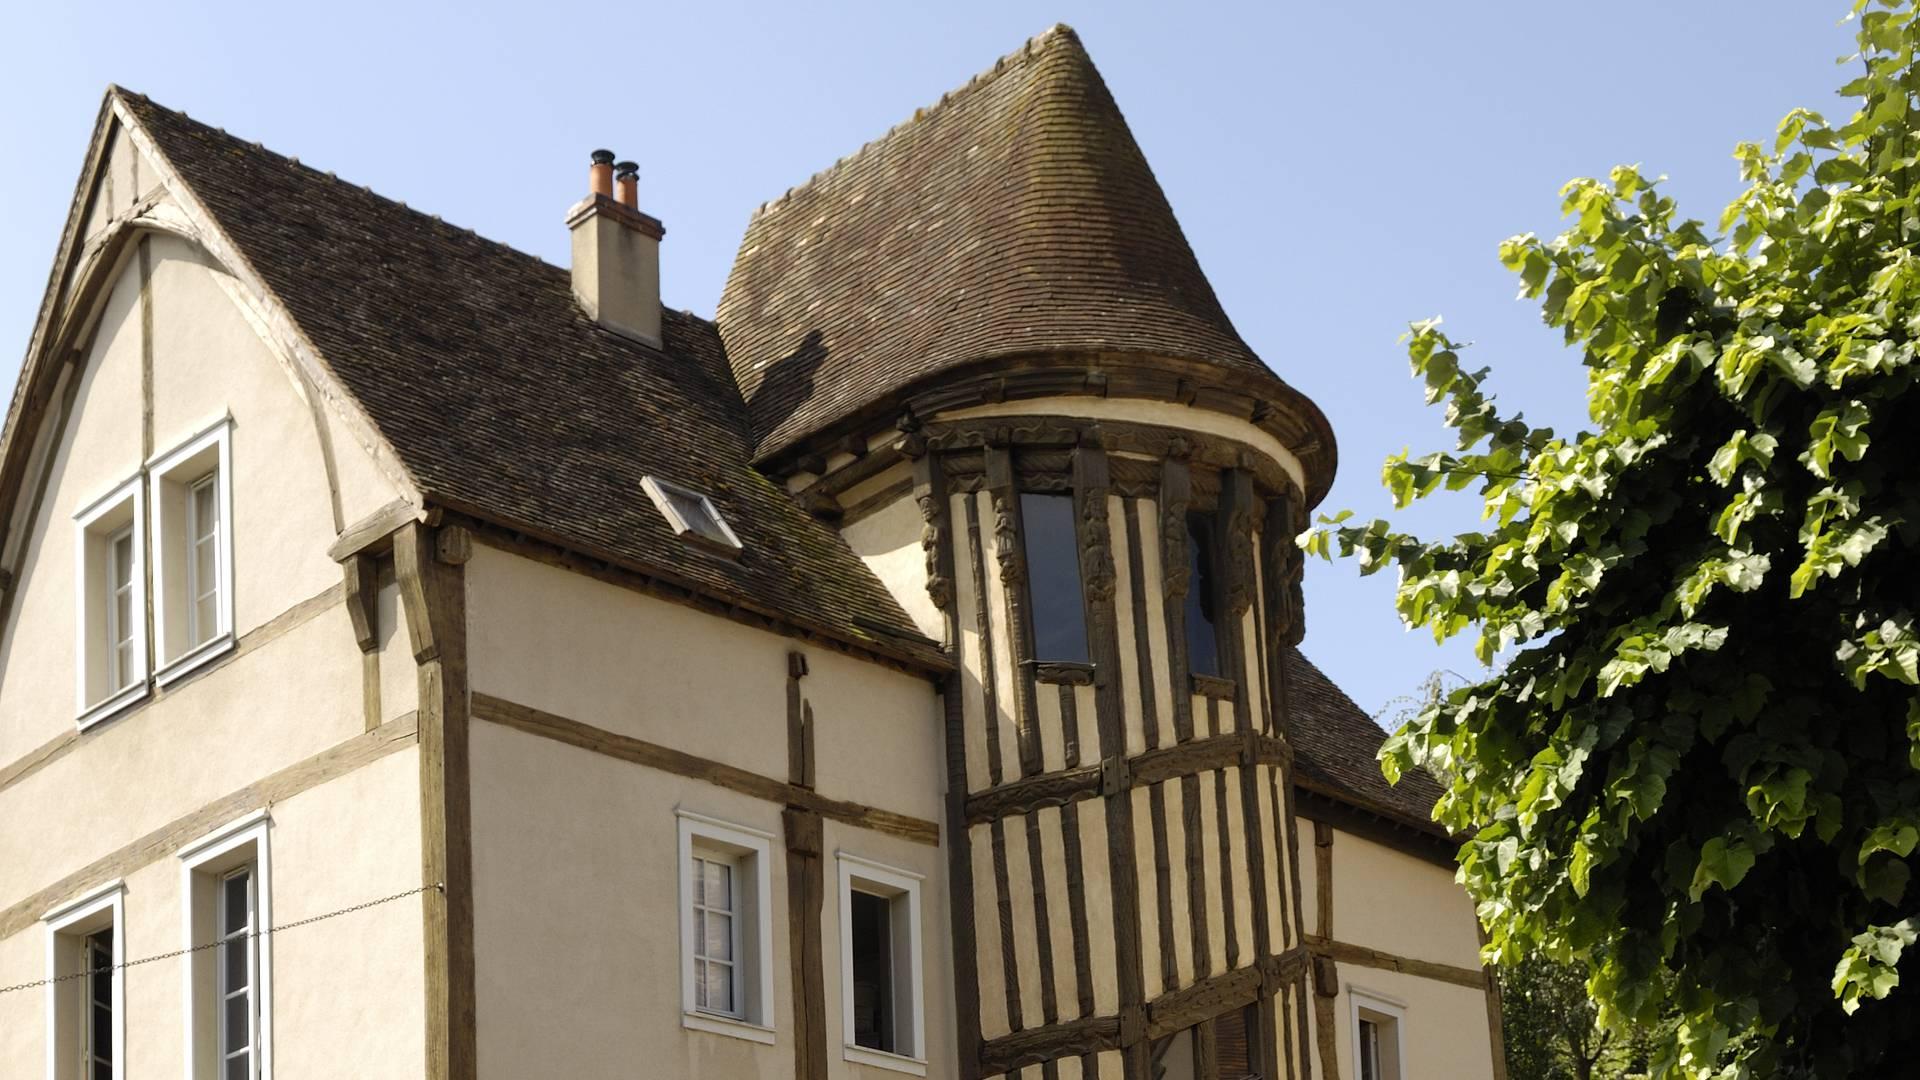 Escalier de la reine Berthe à Chartres